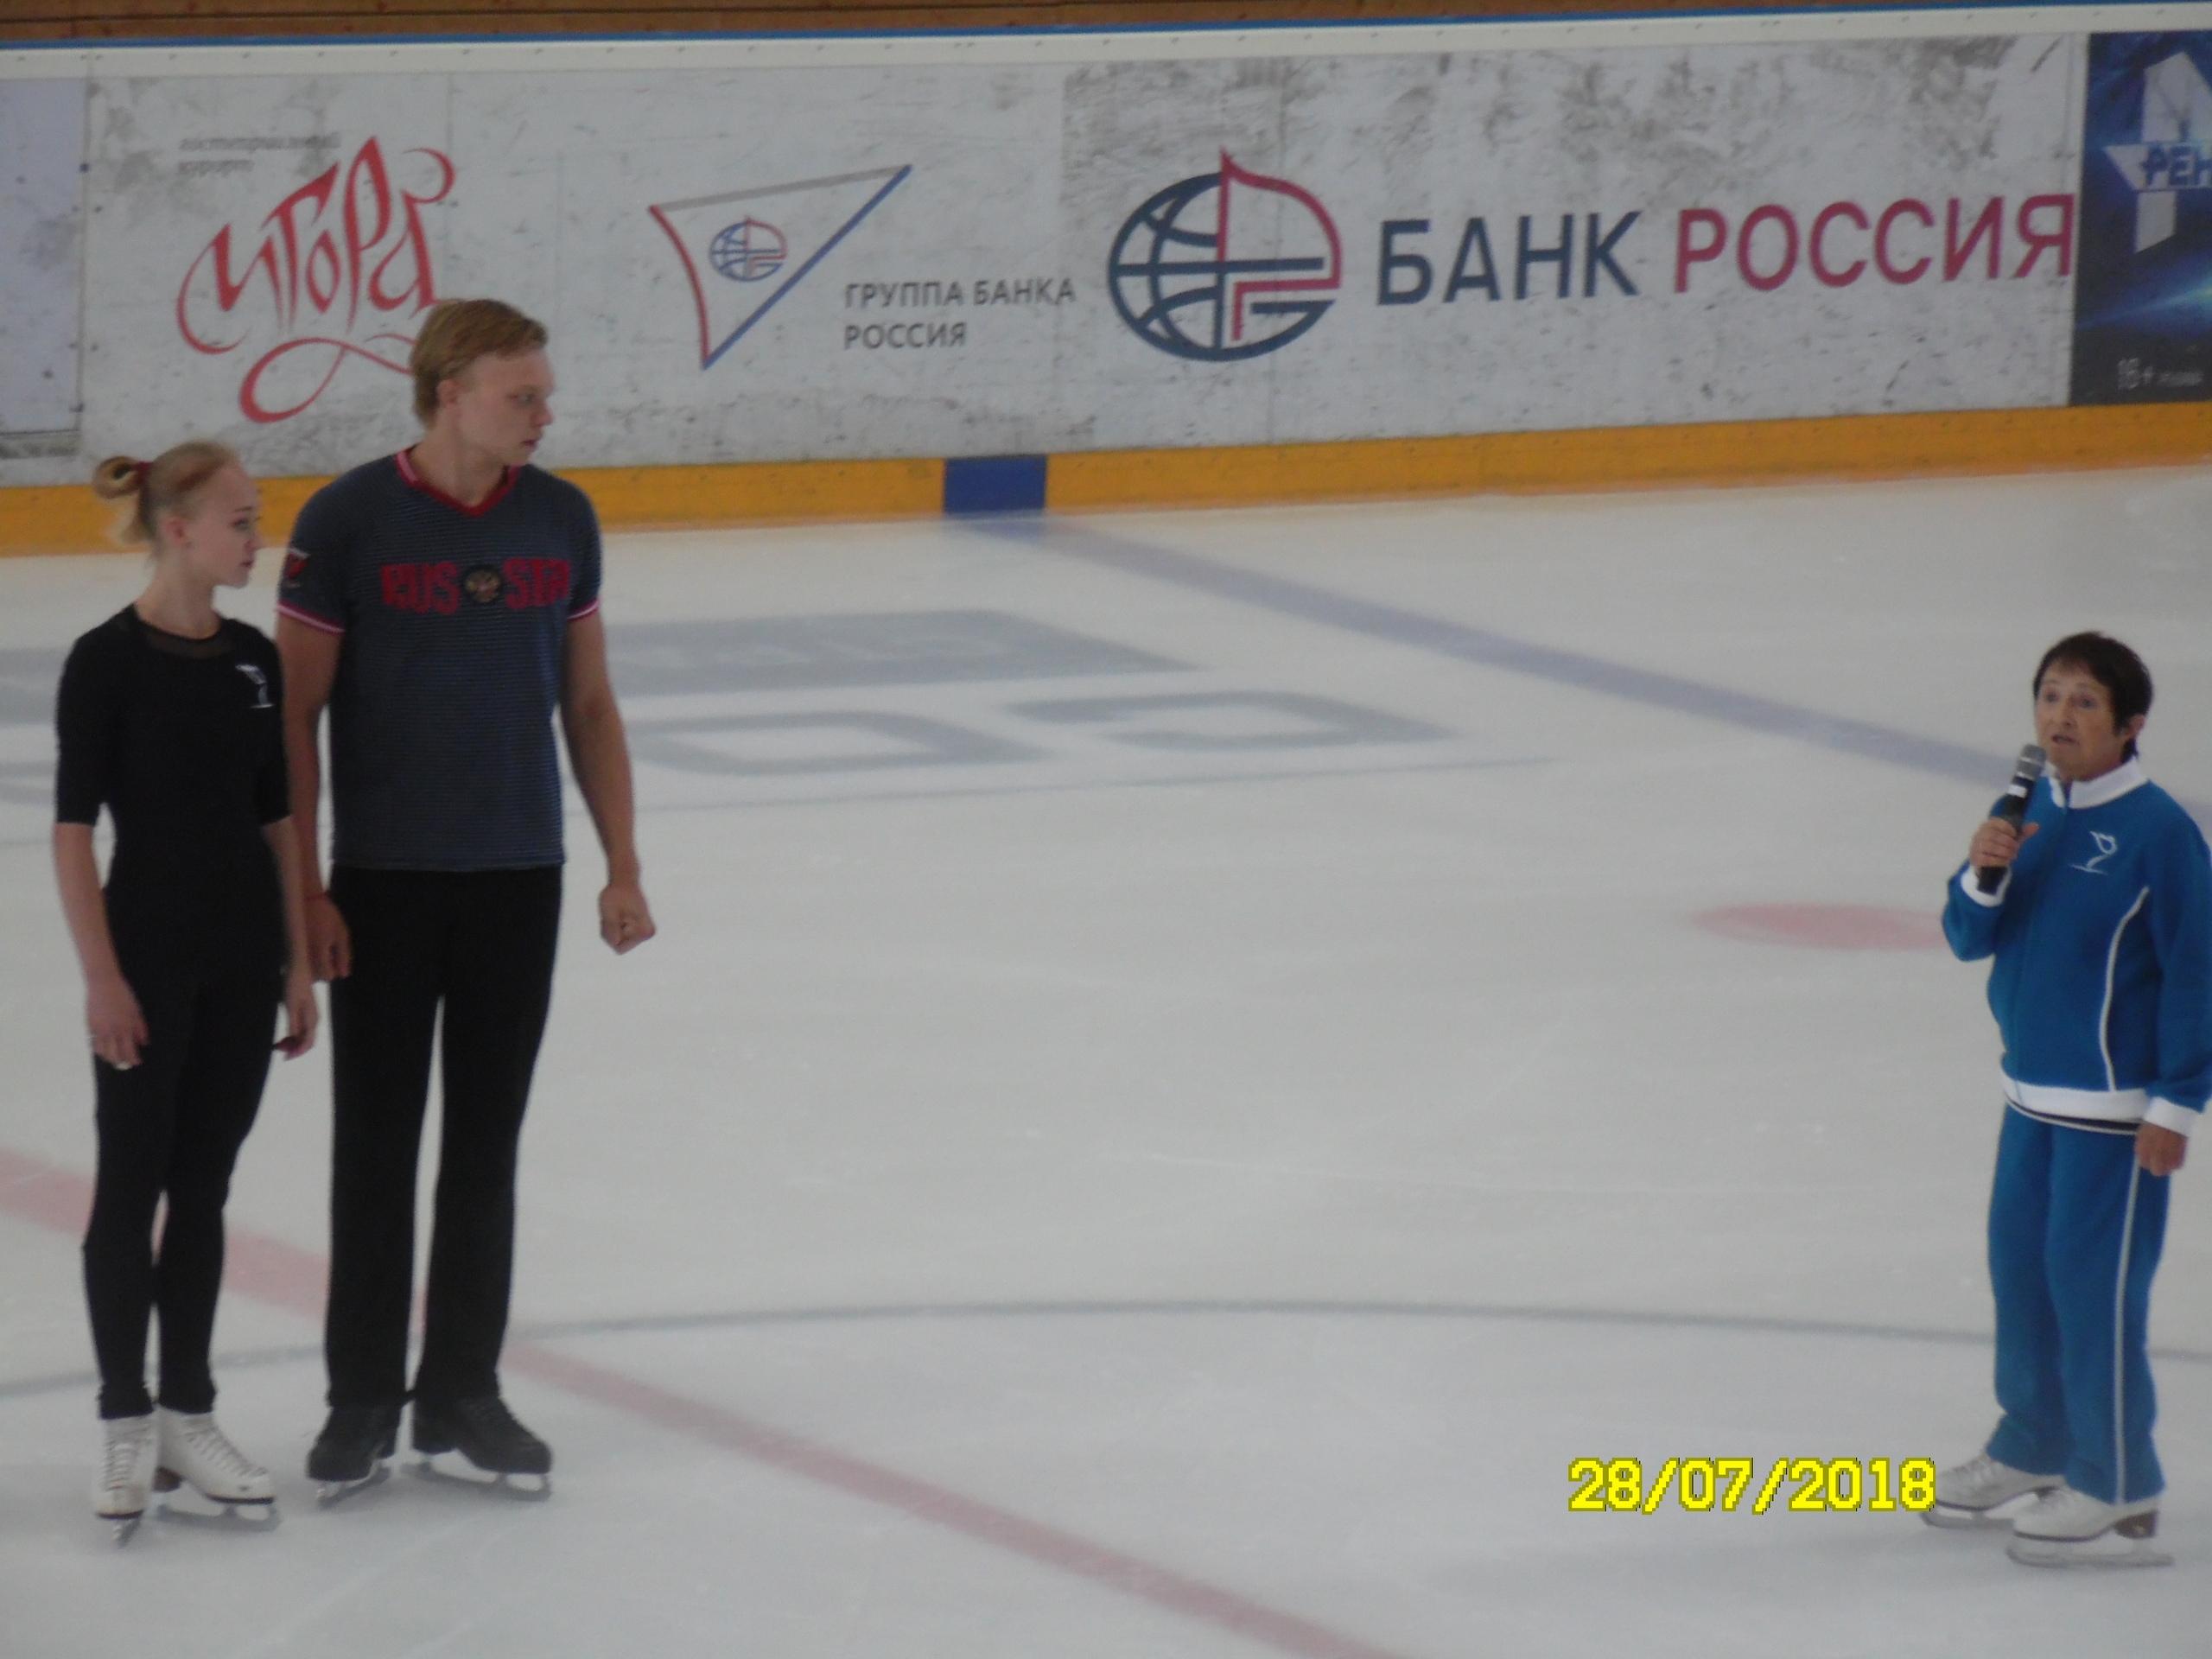 Школа Москвиной, парное катание (Санкт-Петербург, Россия) - Страница 12 7NaHRzc-eqU